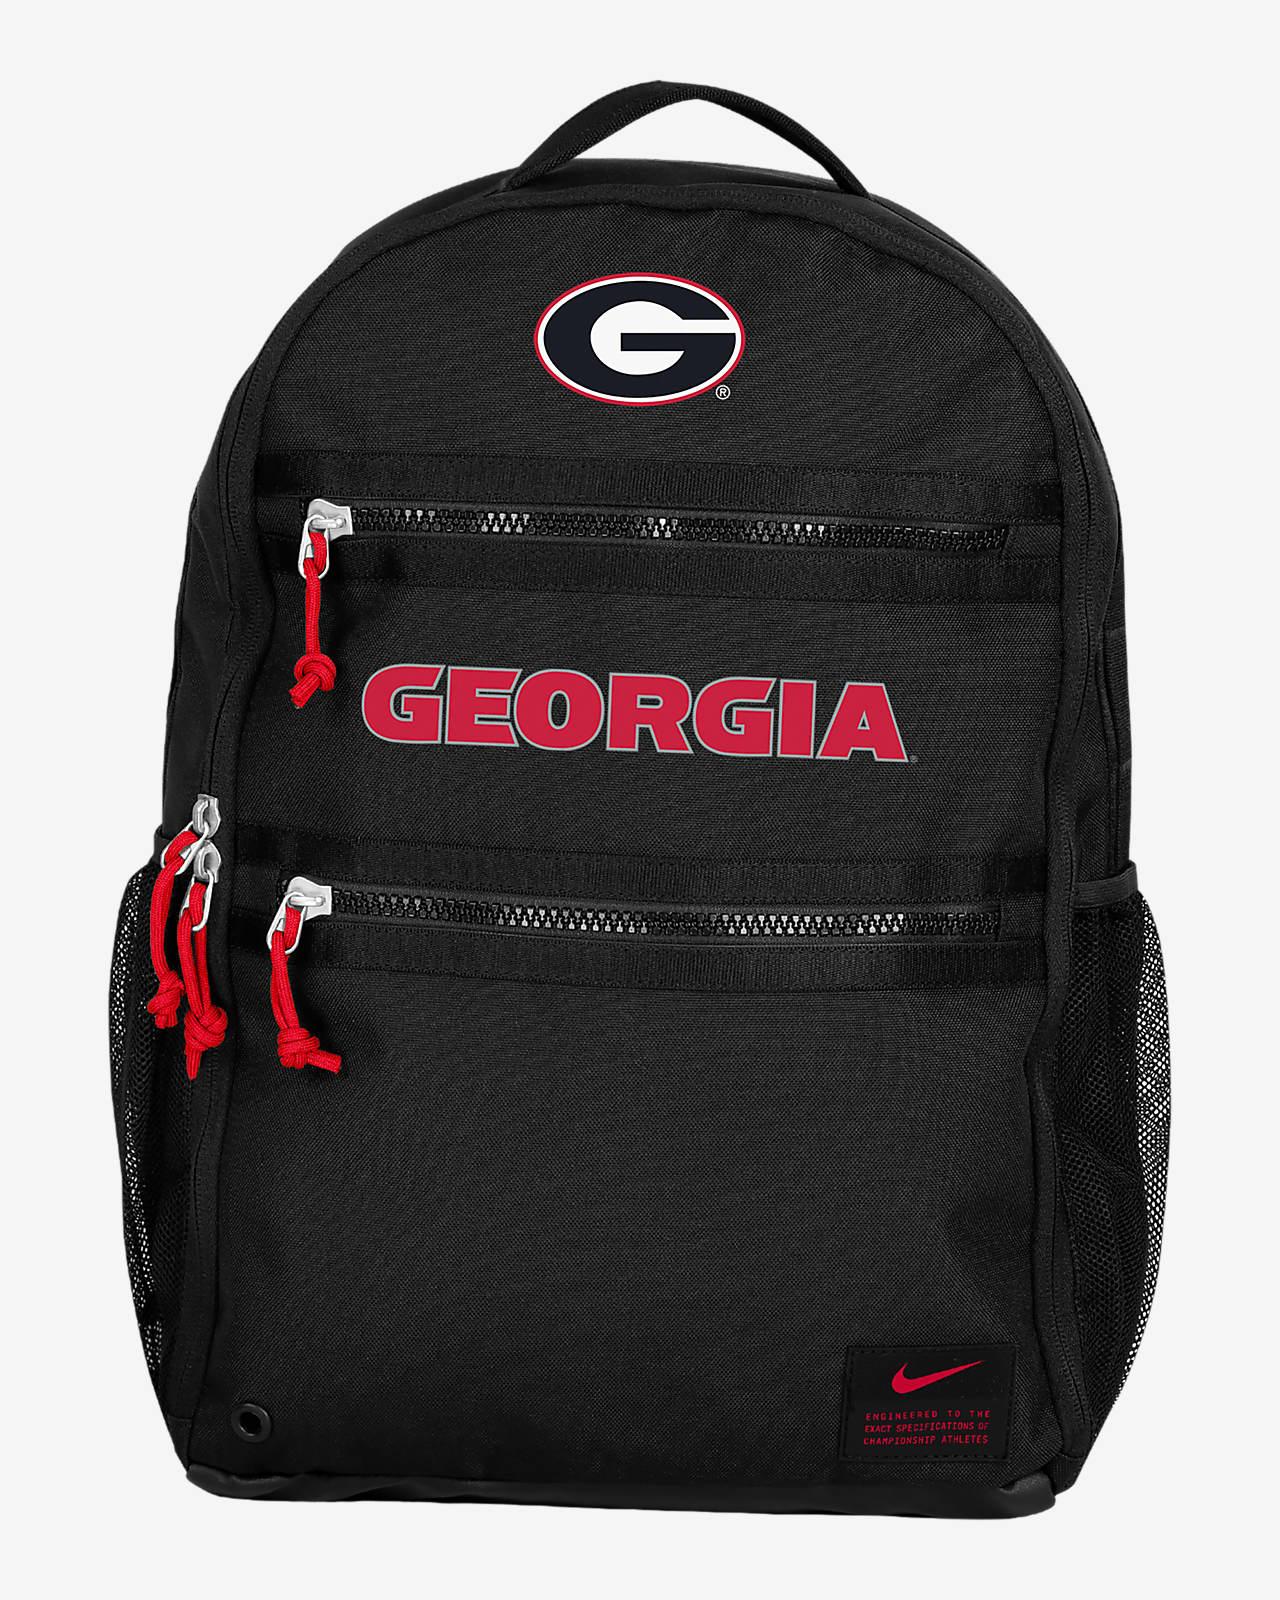 Nike College (Georgia) Backpack